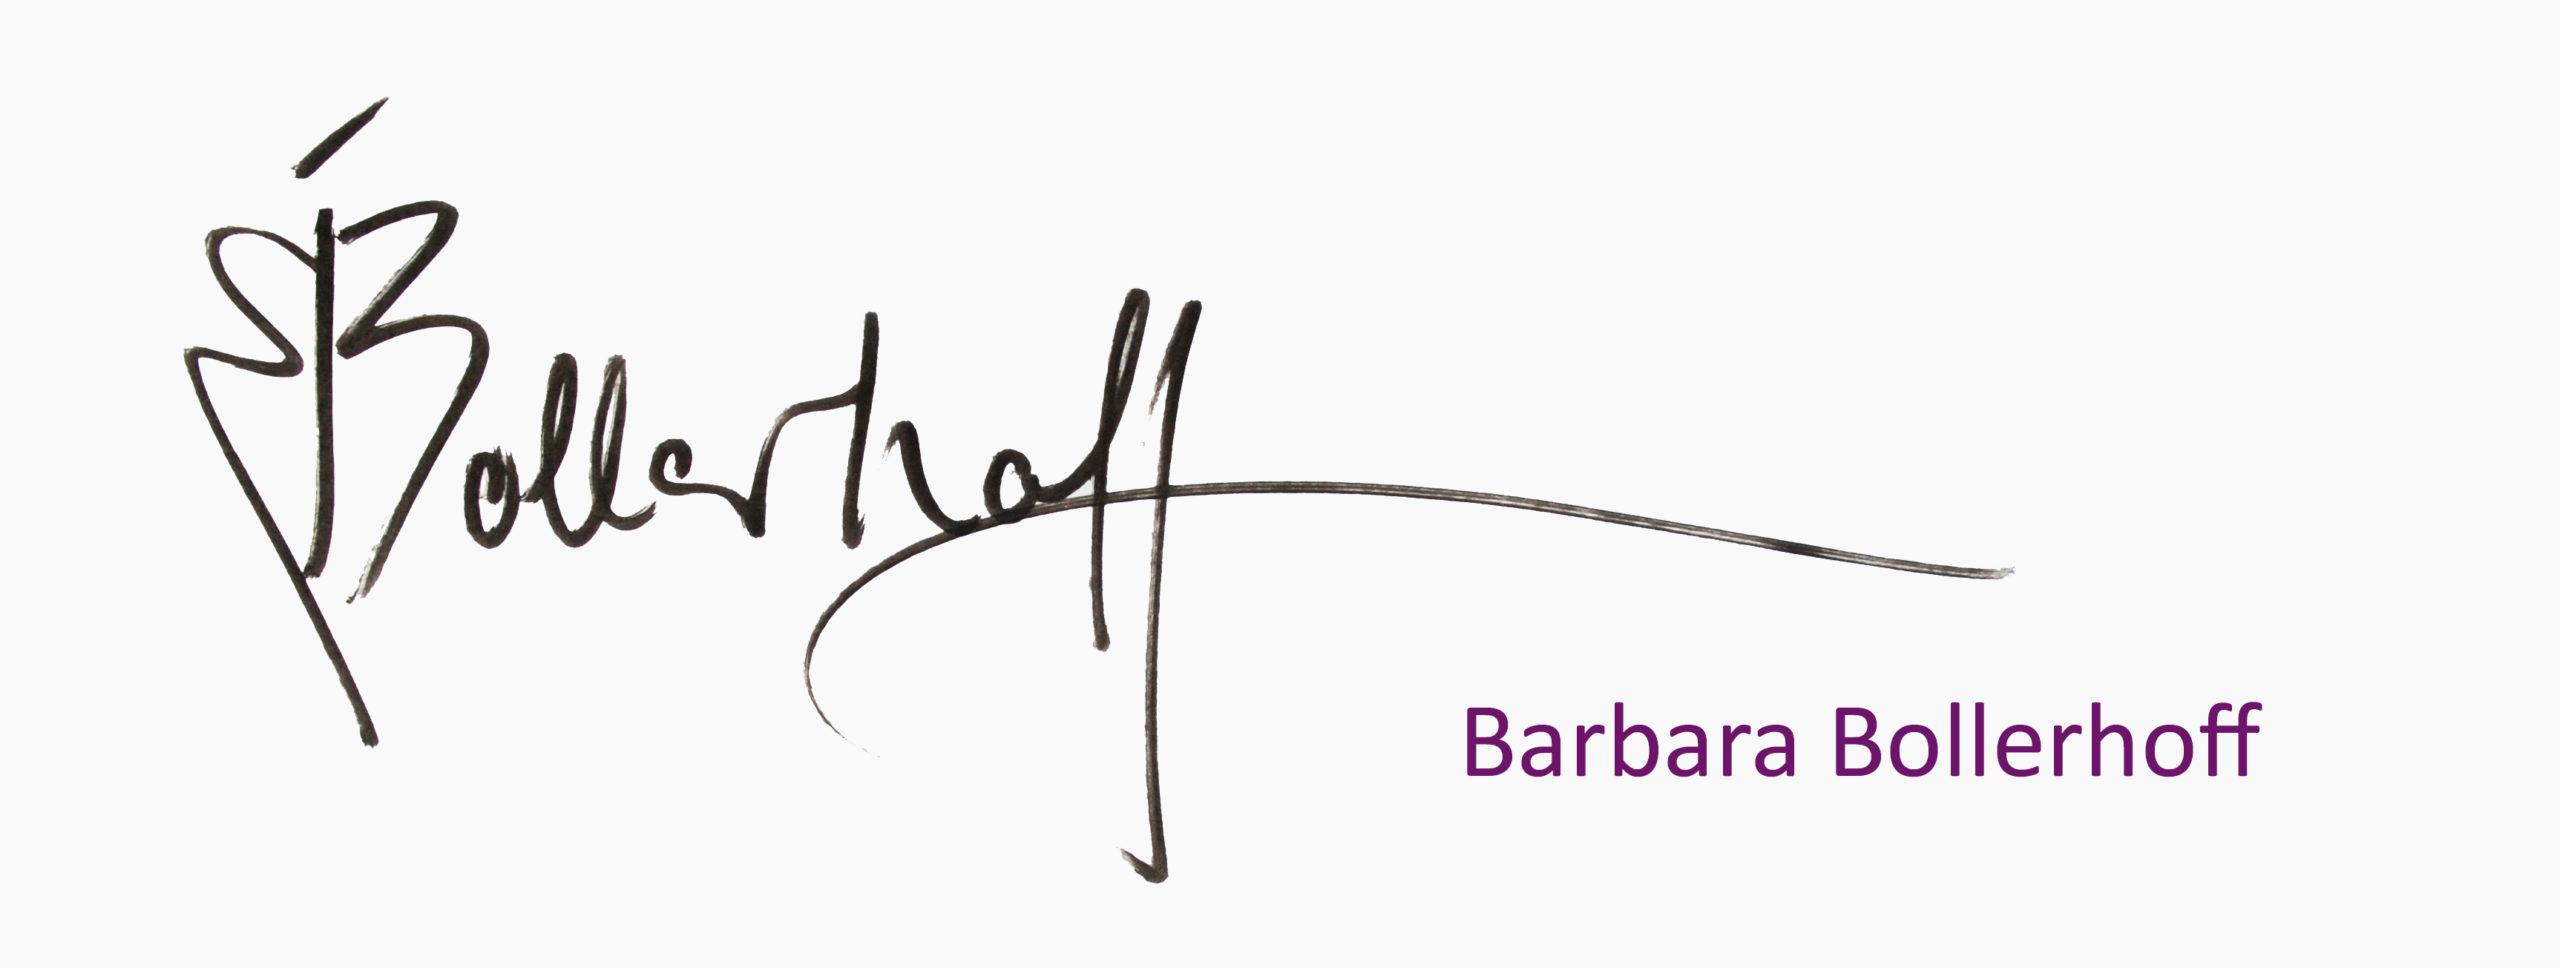 BARBARA BOLLERHOFF